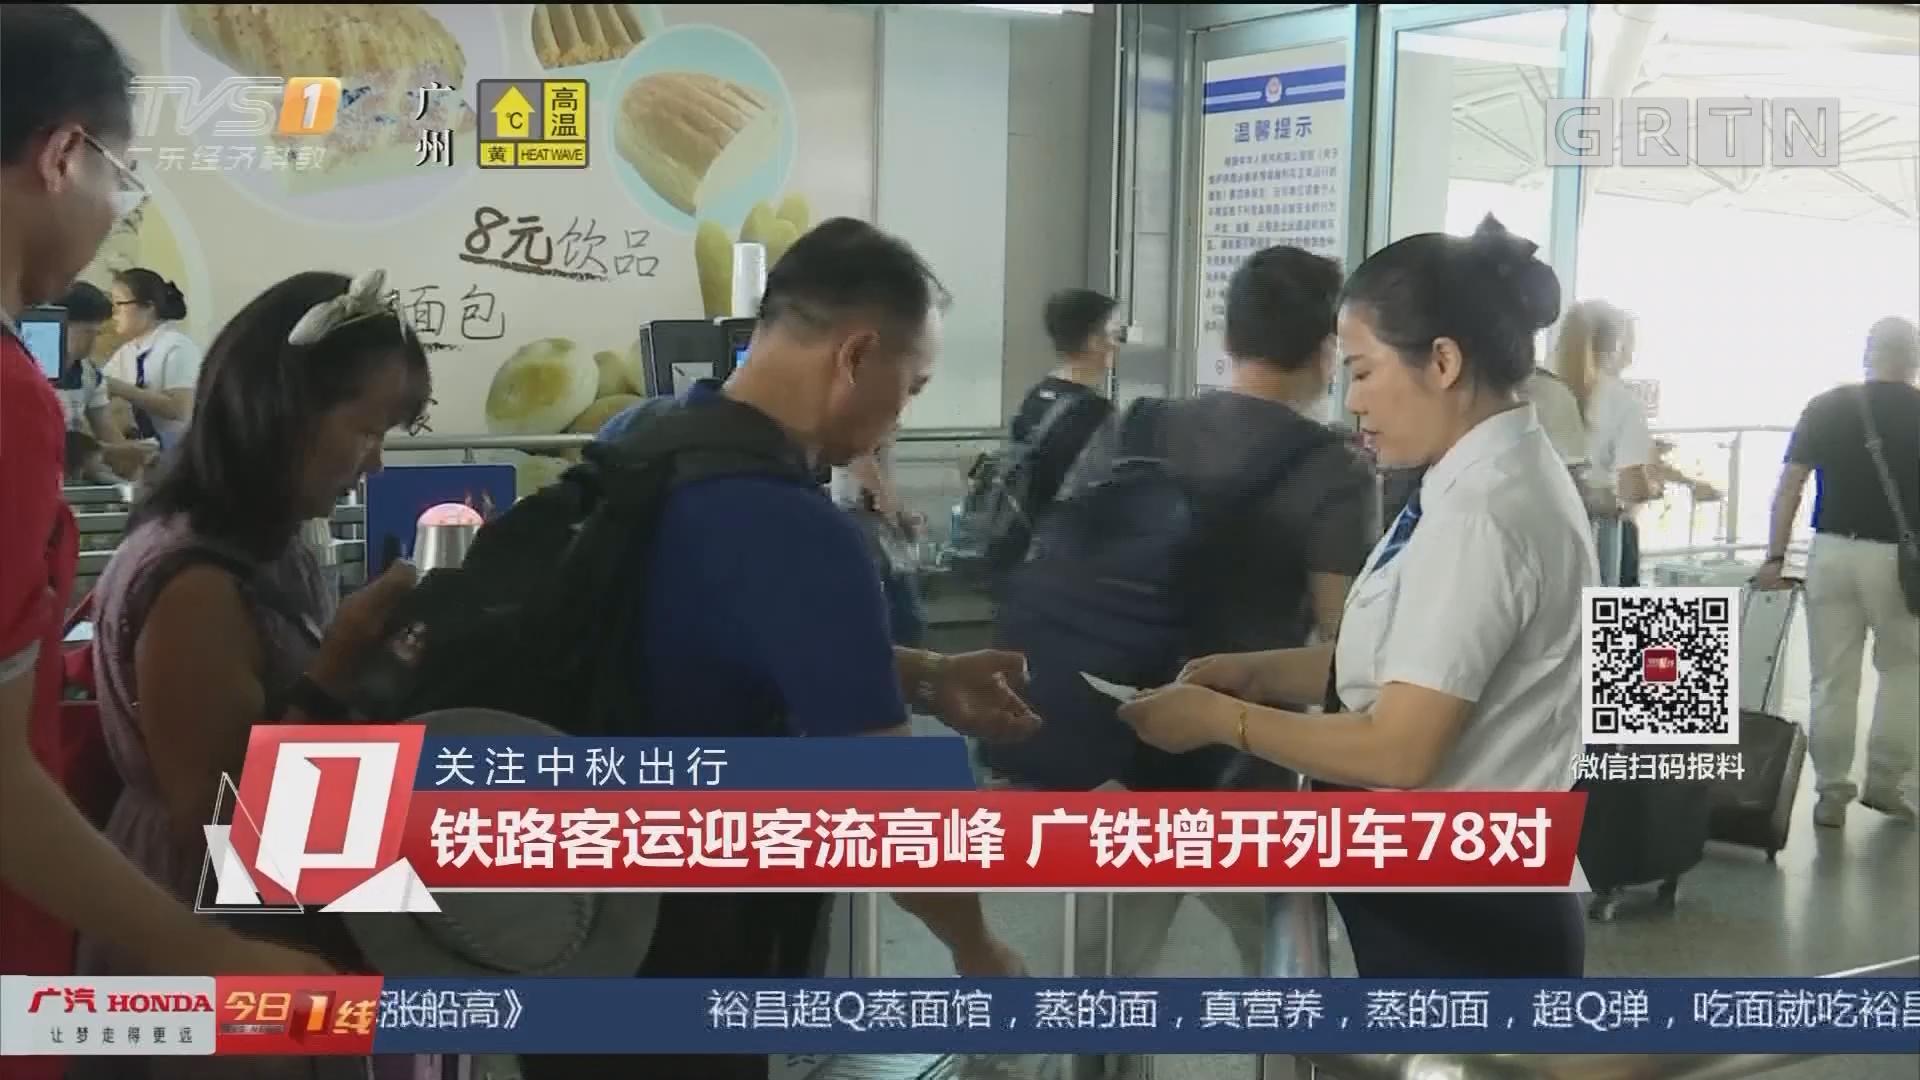 关注中秋出行 铁路客运迎客流高峰 广铁增开列车78对